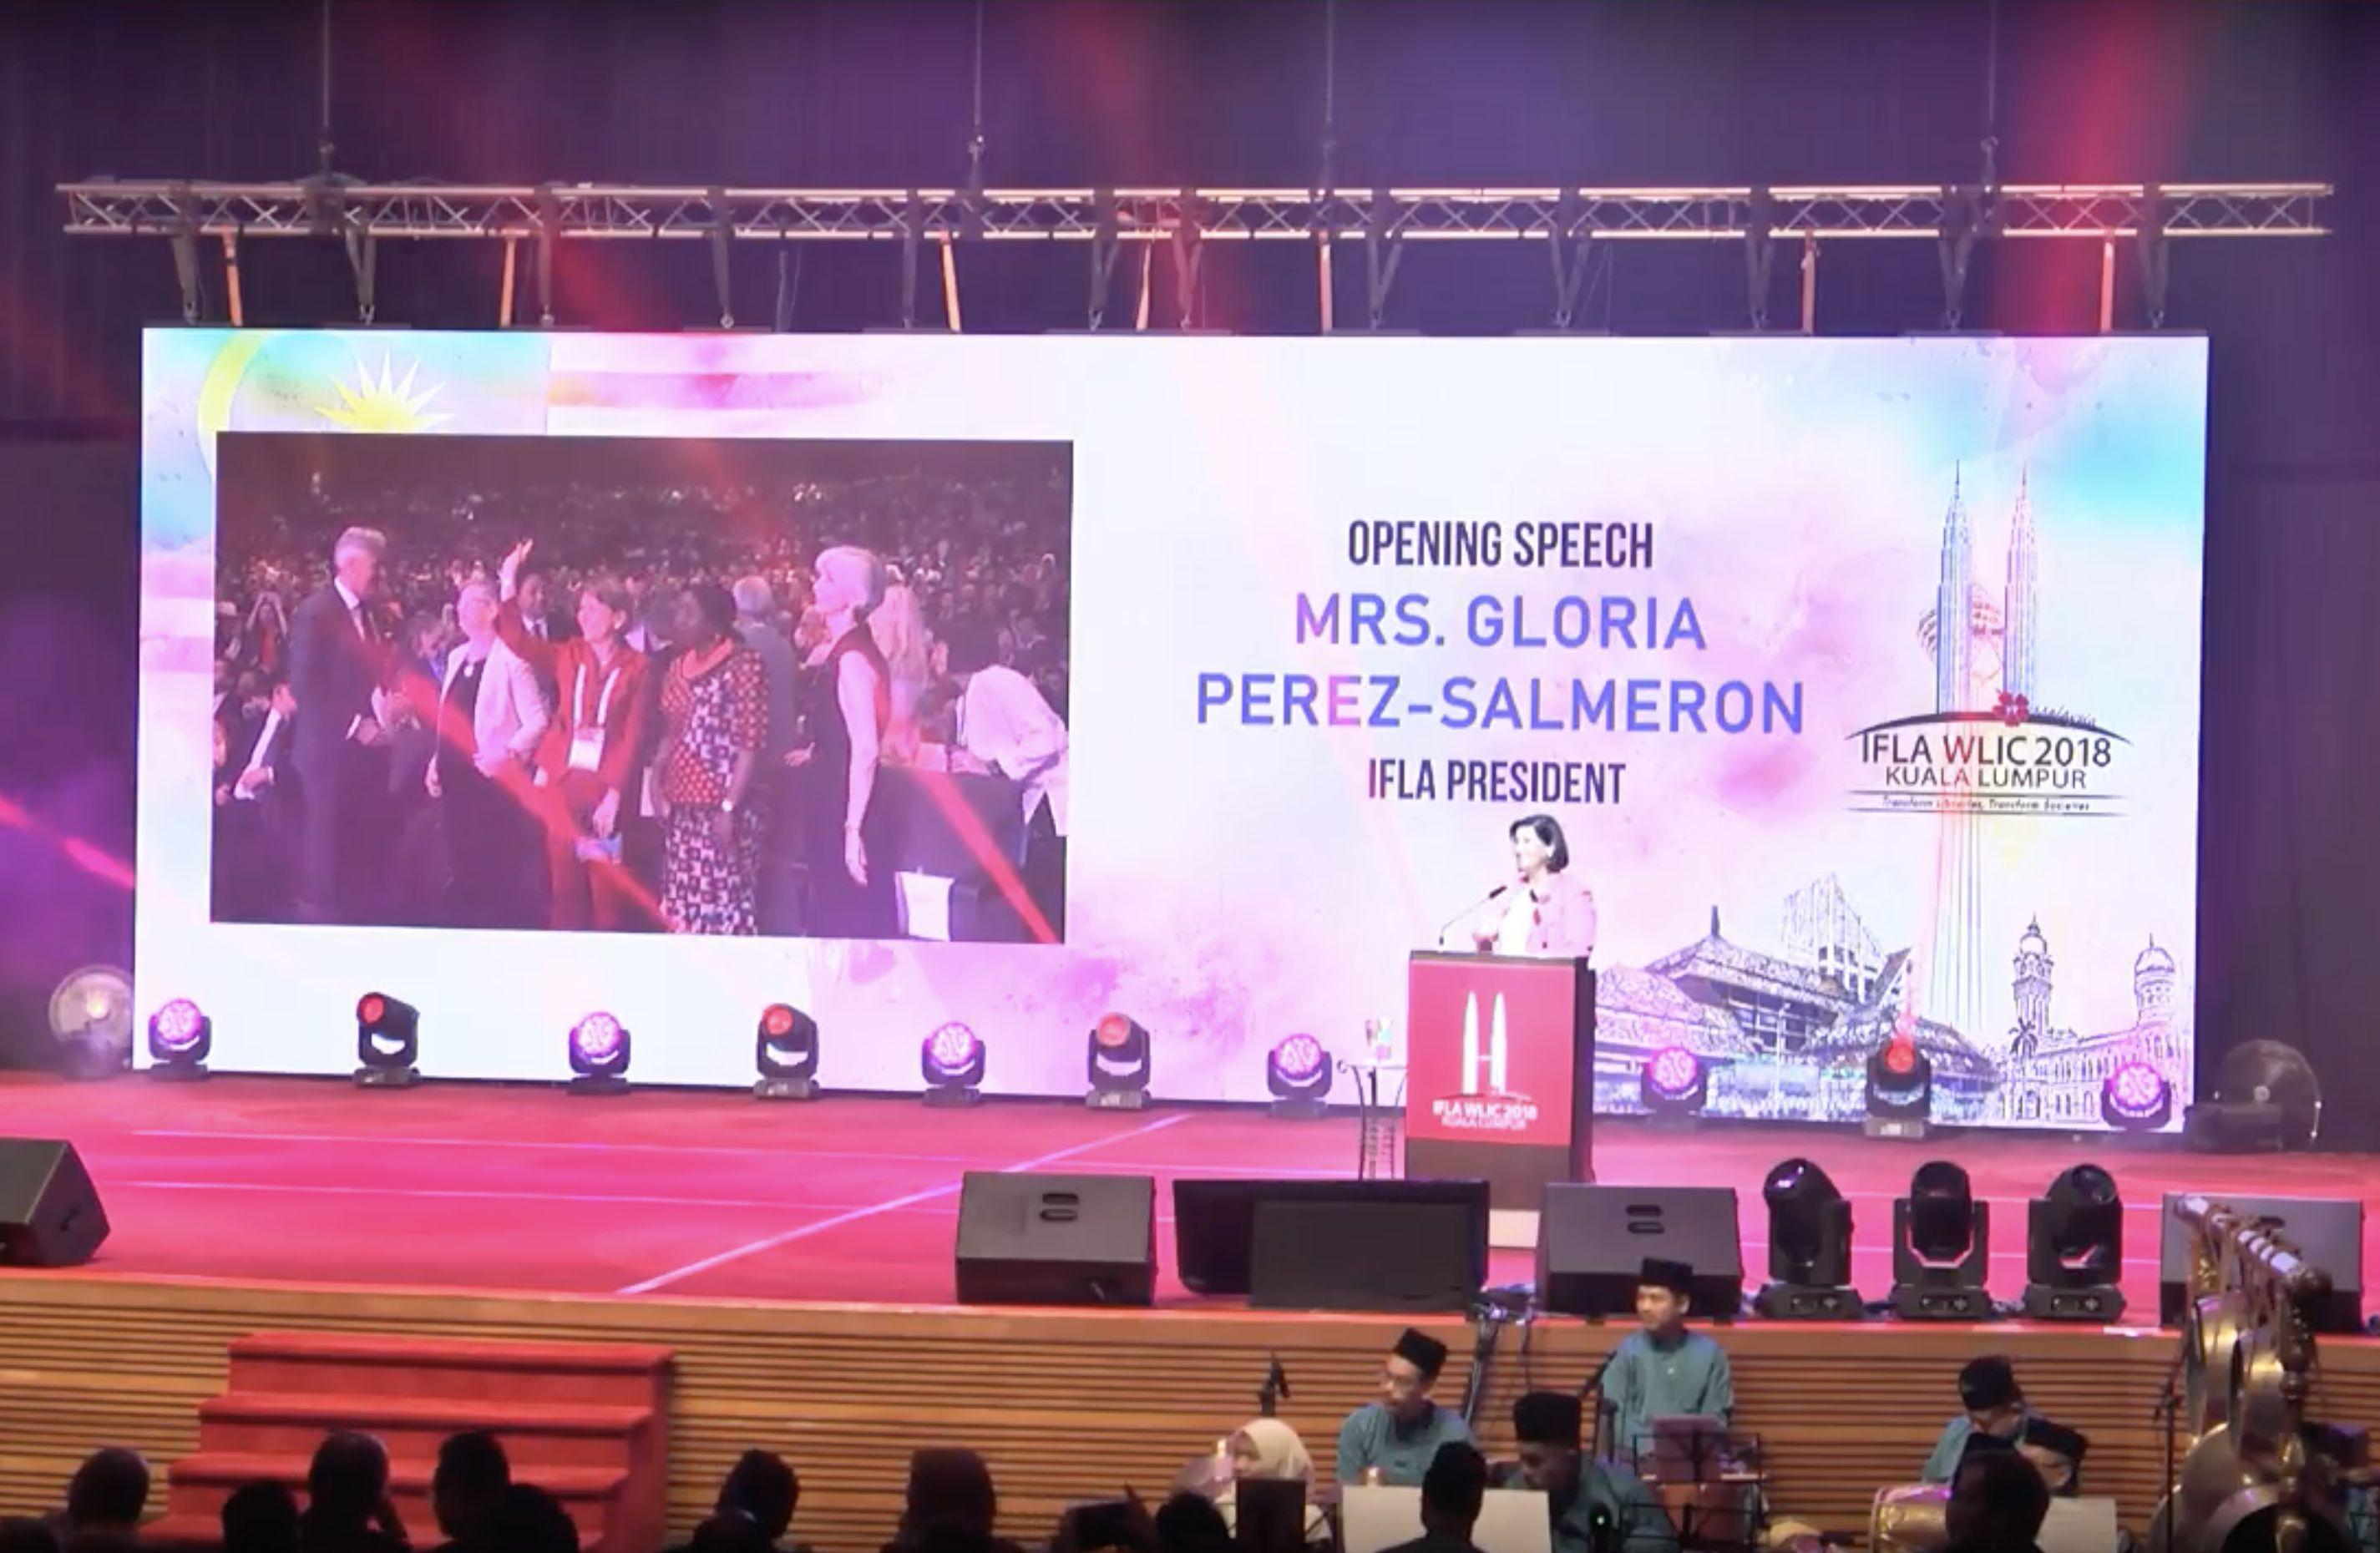 Transformacja bibliotek - otwarcie Kongresu IFLA 2018 w Malezji